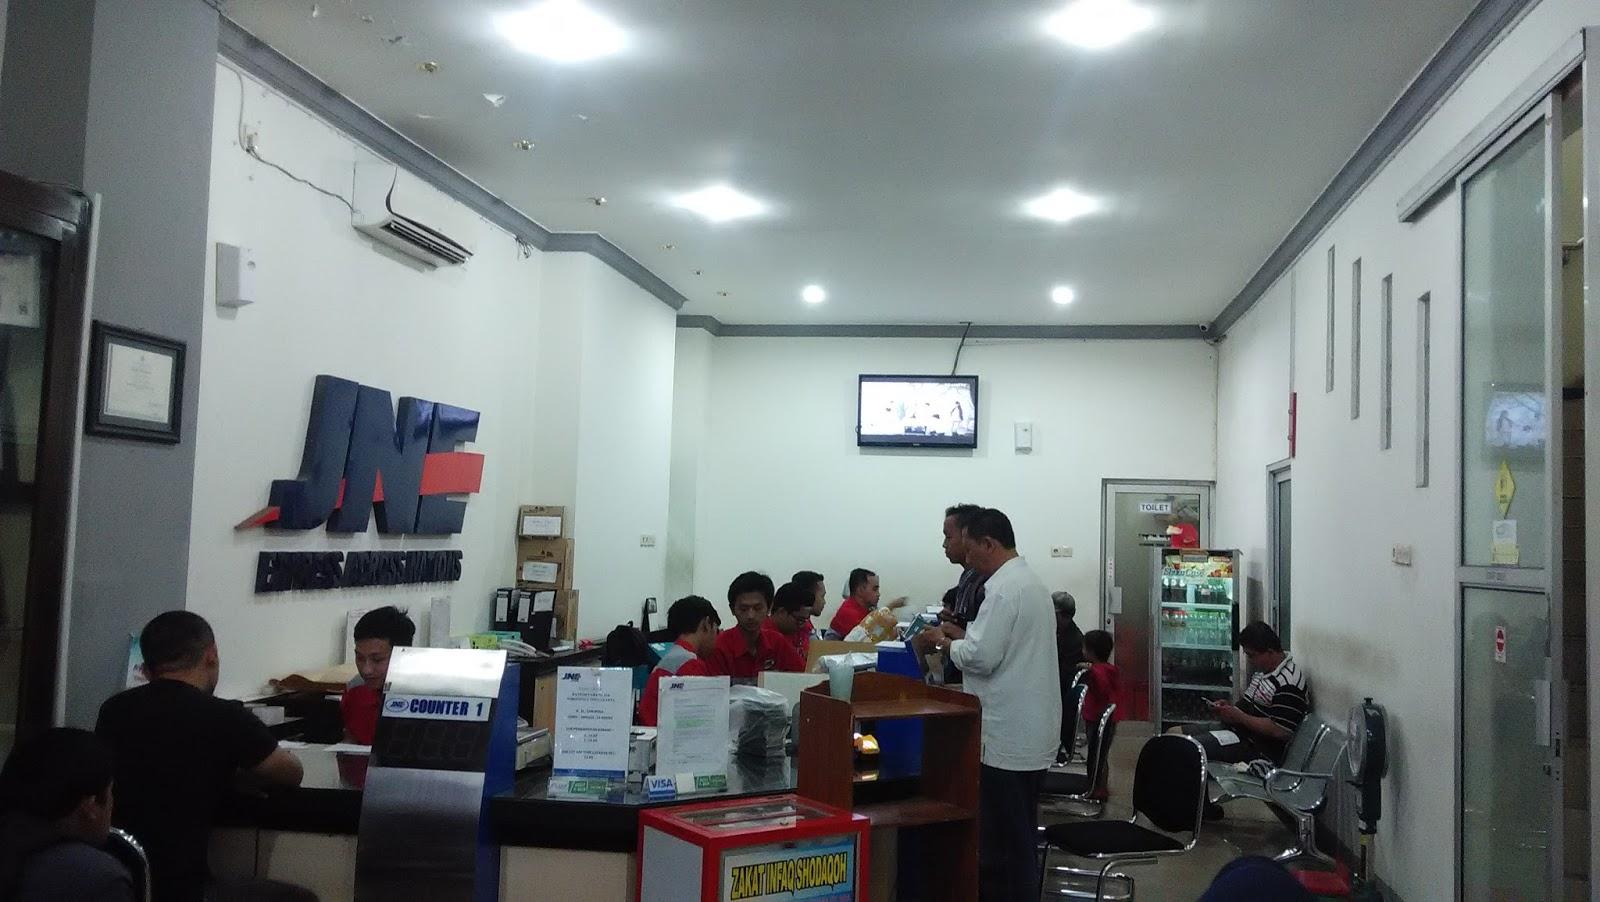 Kantor Jne Pusat Yogyakarta Melayani Pengiriman Barang 24 Jam